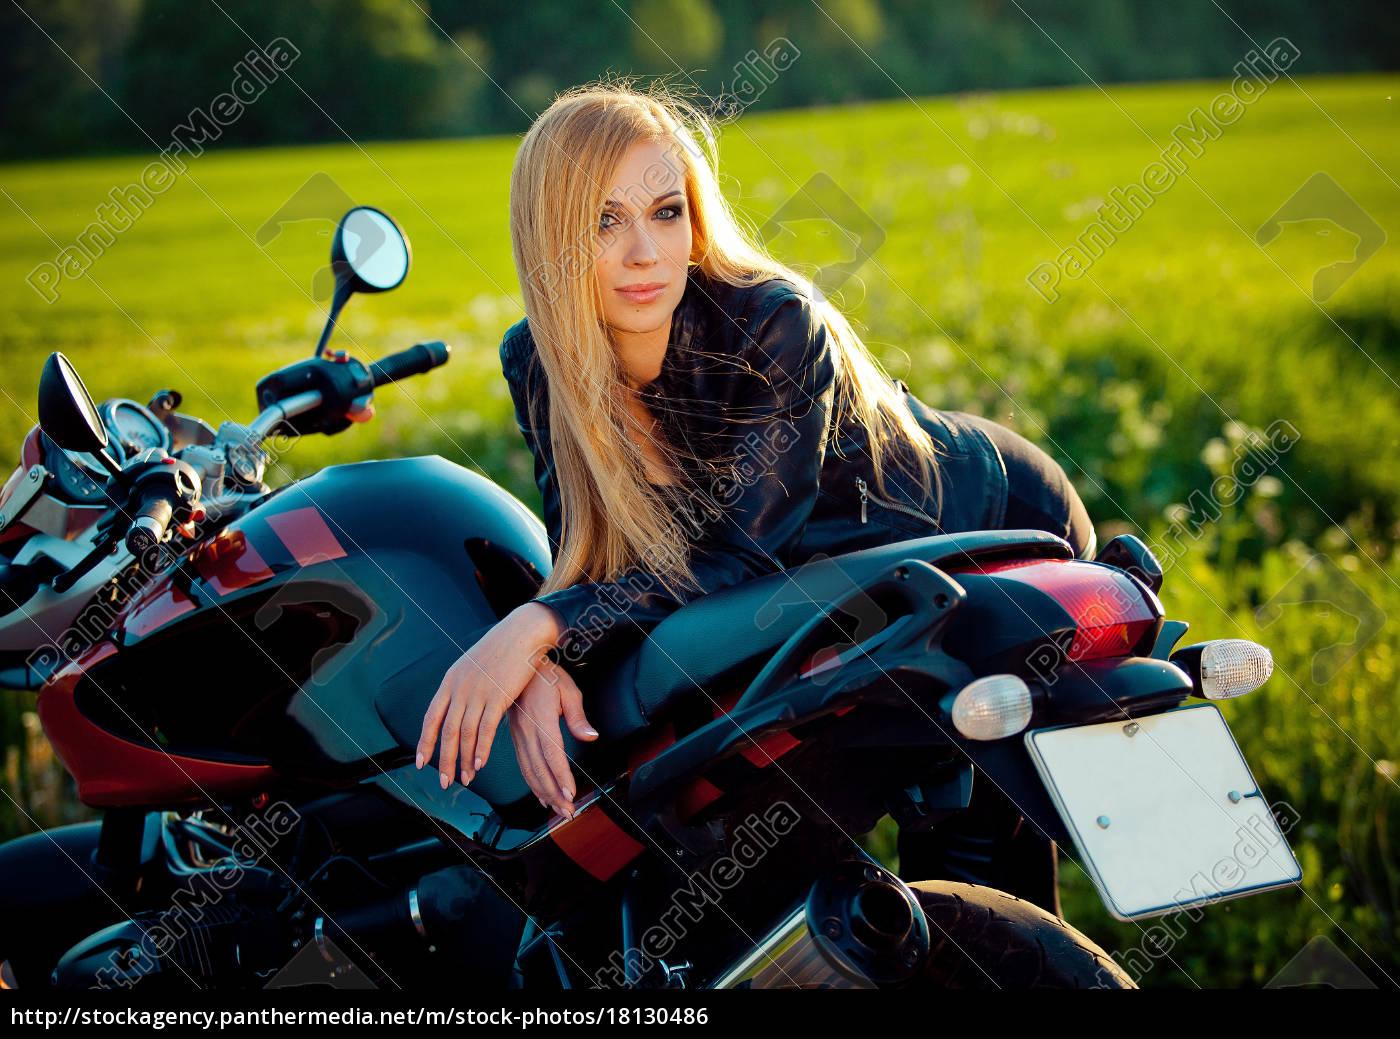 sexy, mode, weibliche, biker, mädchen., blonde - 18130486